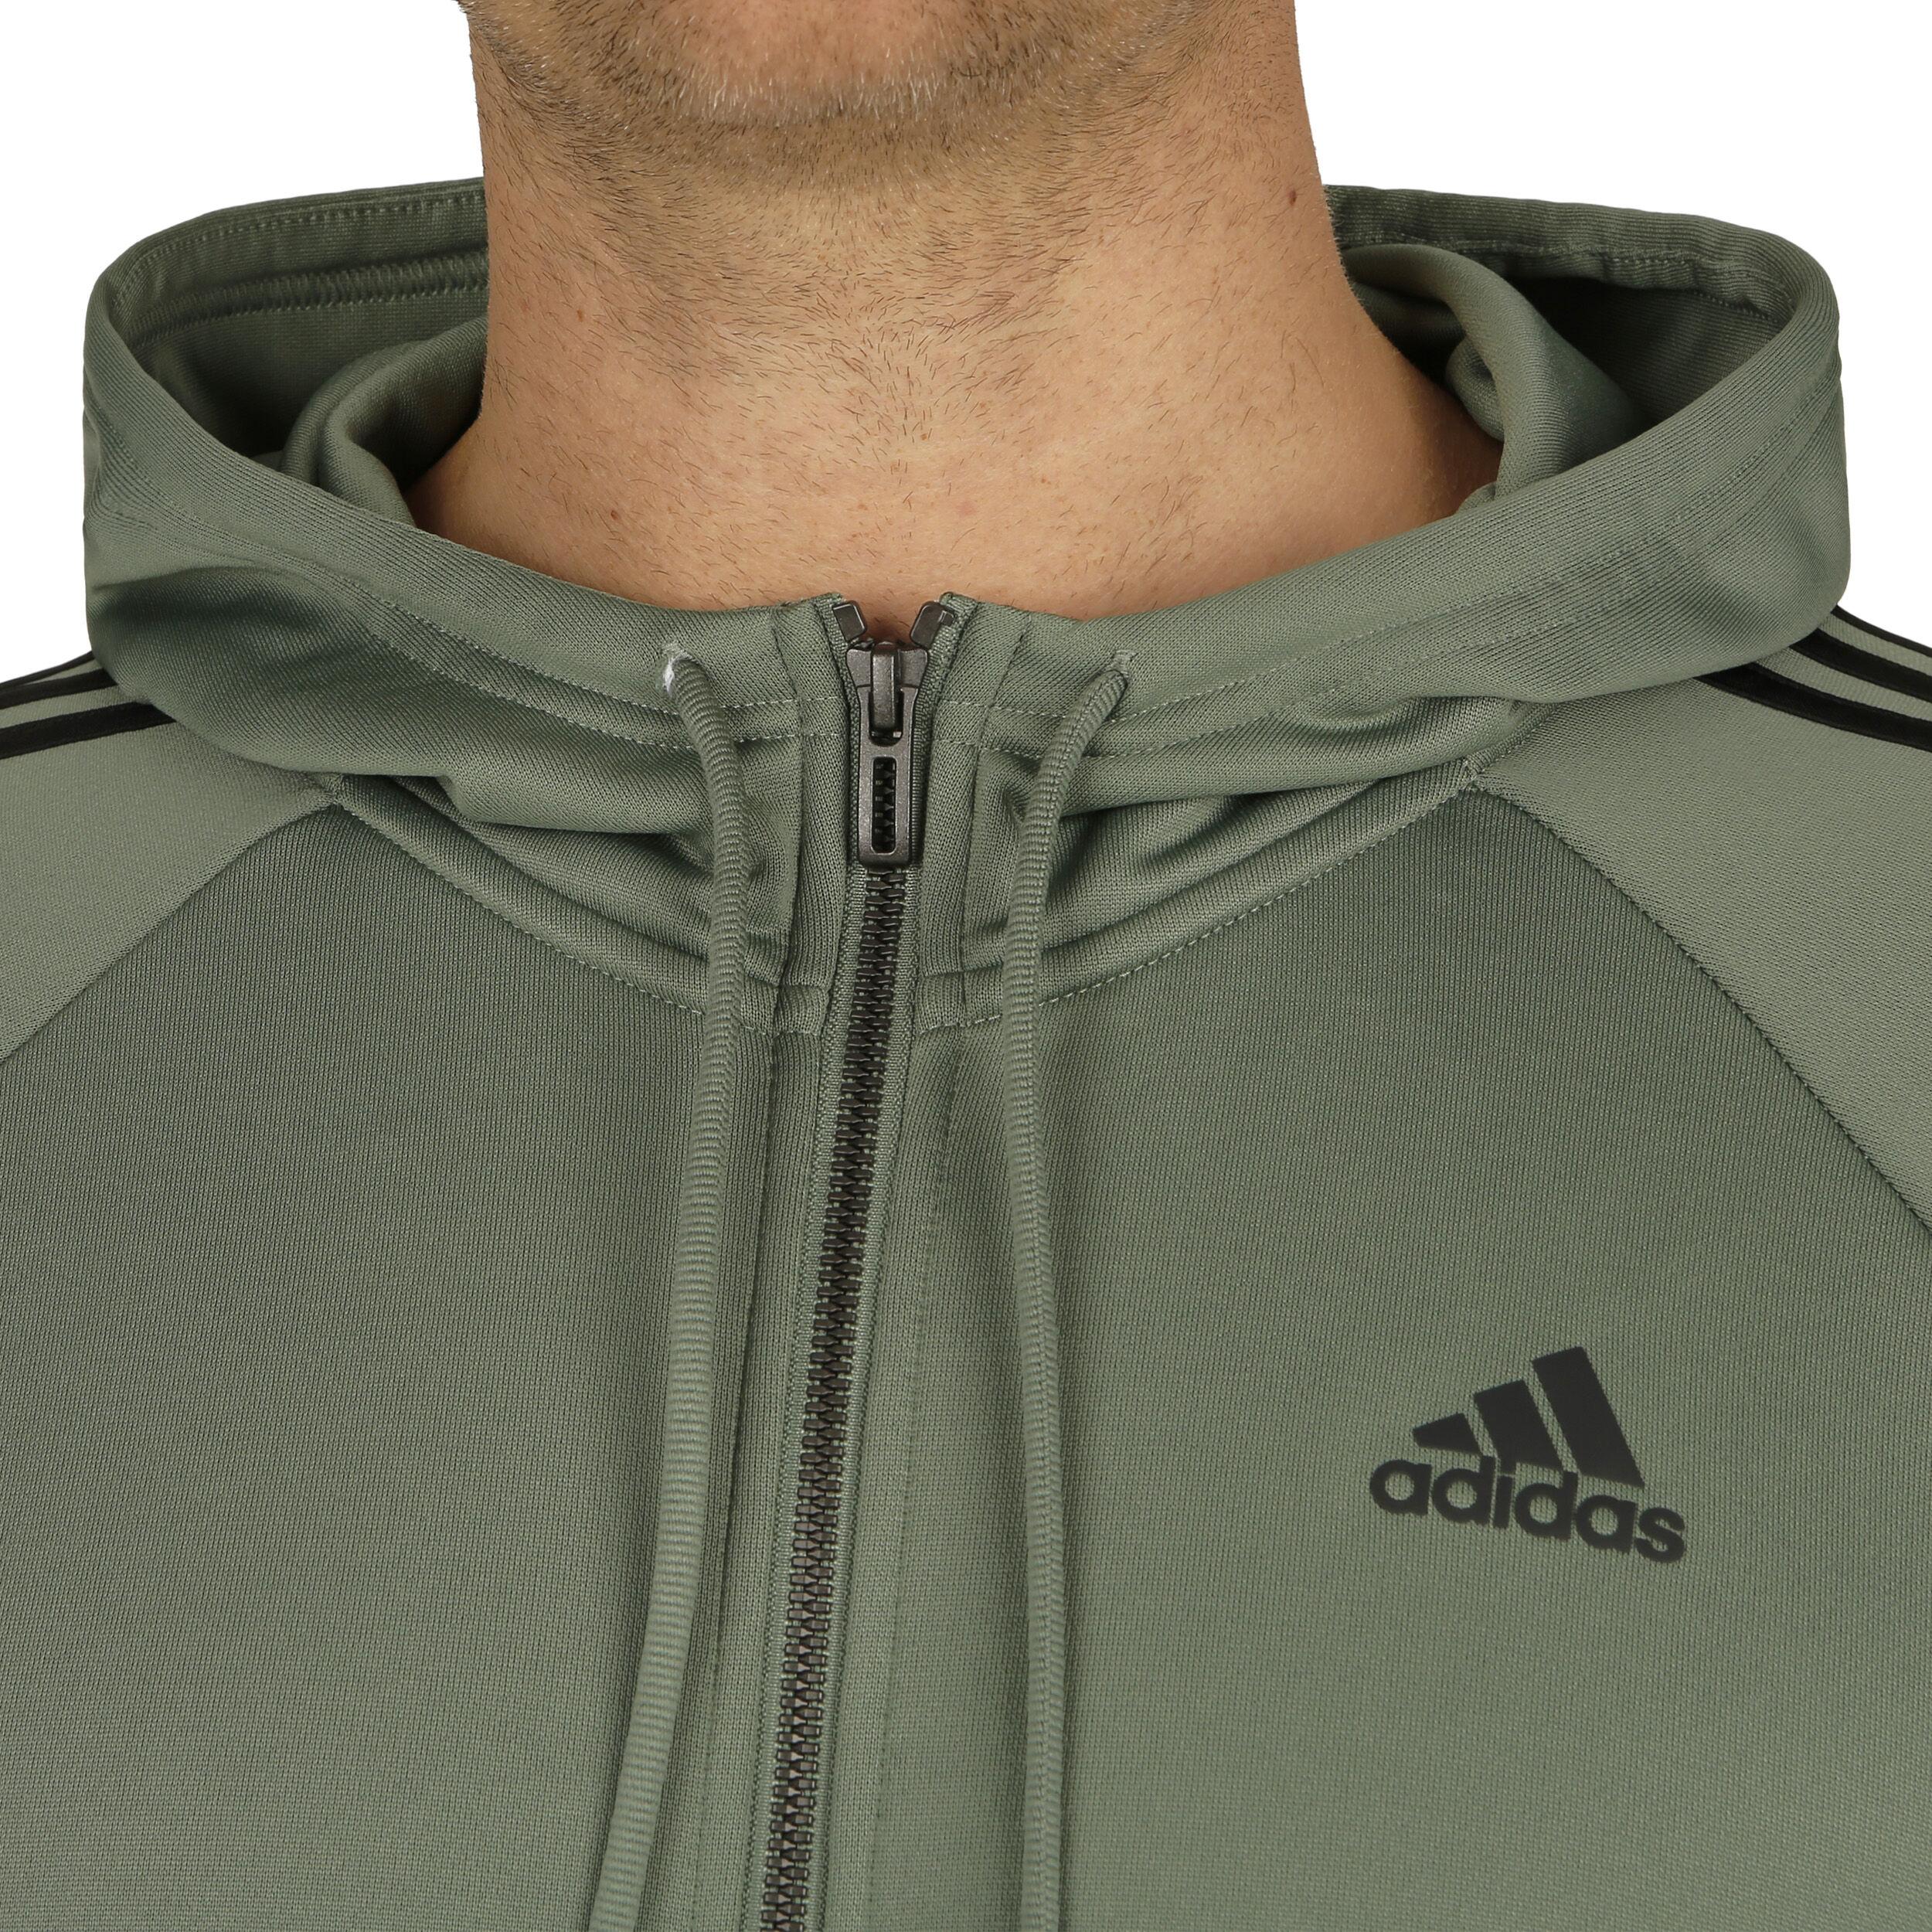 adidas Re Focus Trainingsanzug Herren Oliv, Schwarz online